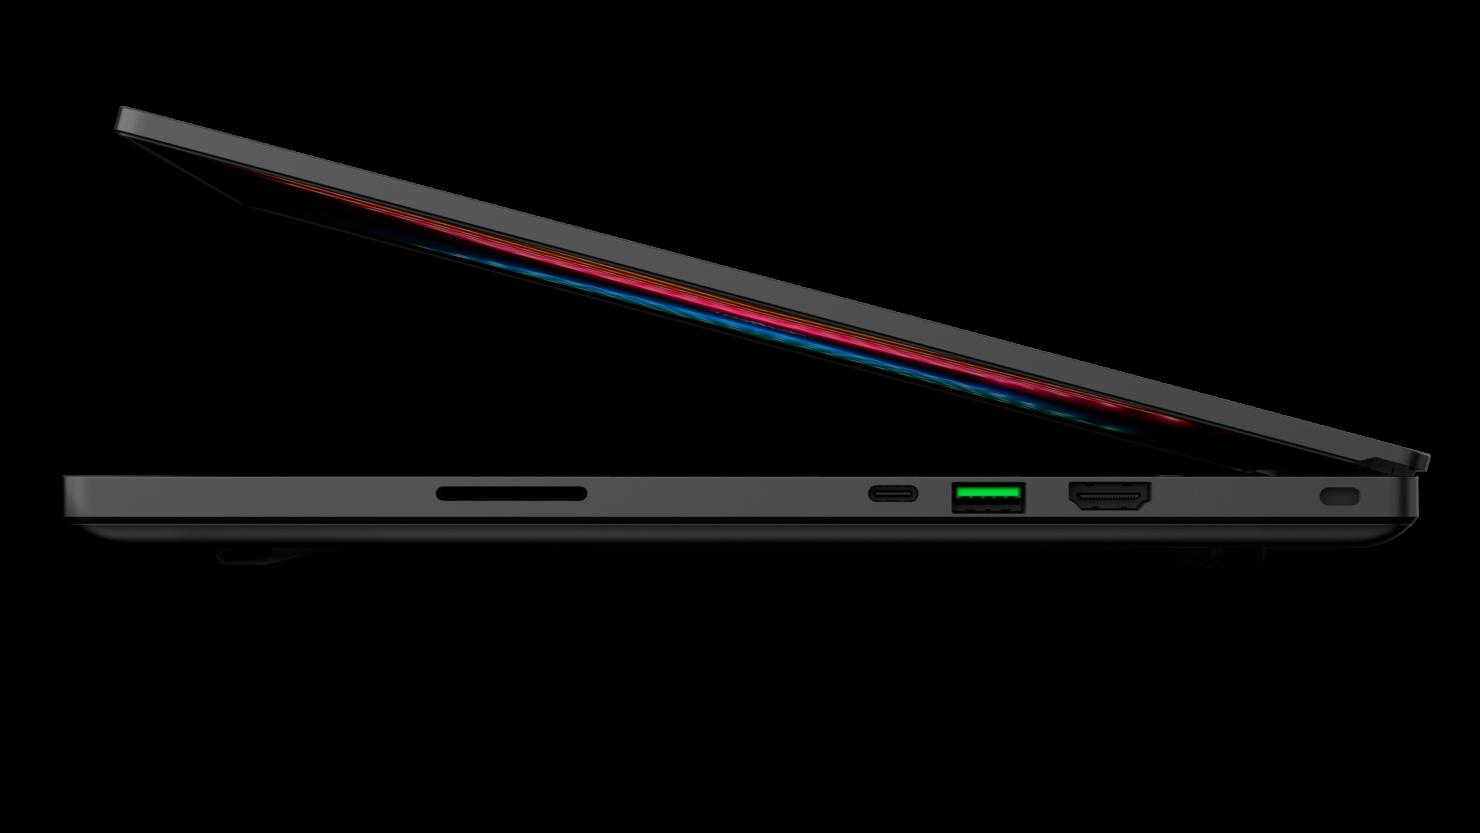 razer-blade-15-advanced-2021-fhd-render-4